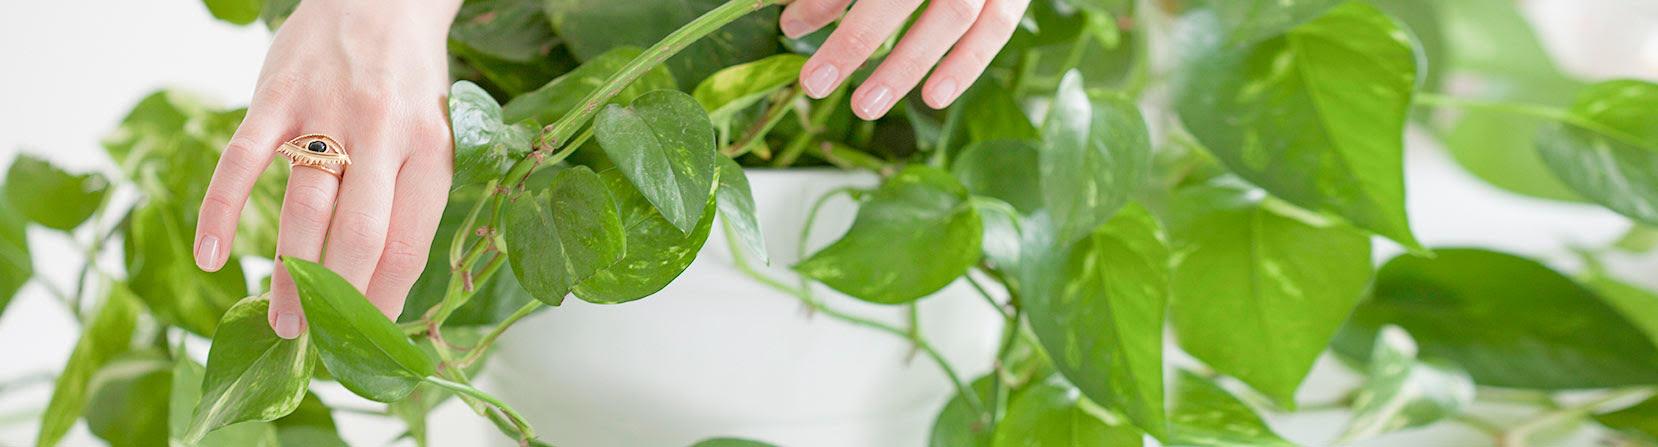 ידיים מטפלות בצמח ירוק